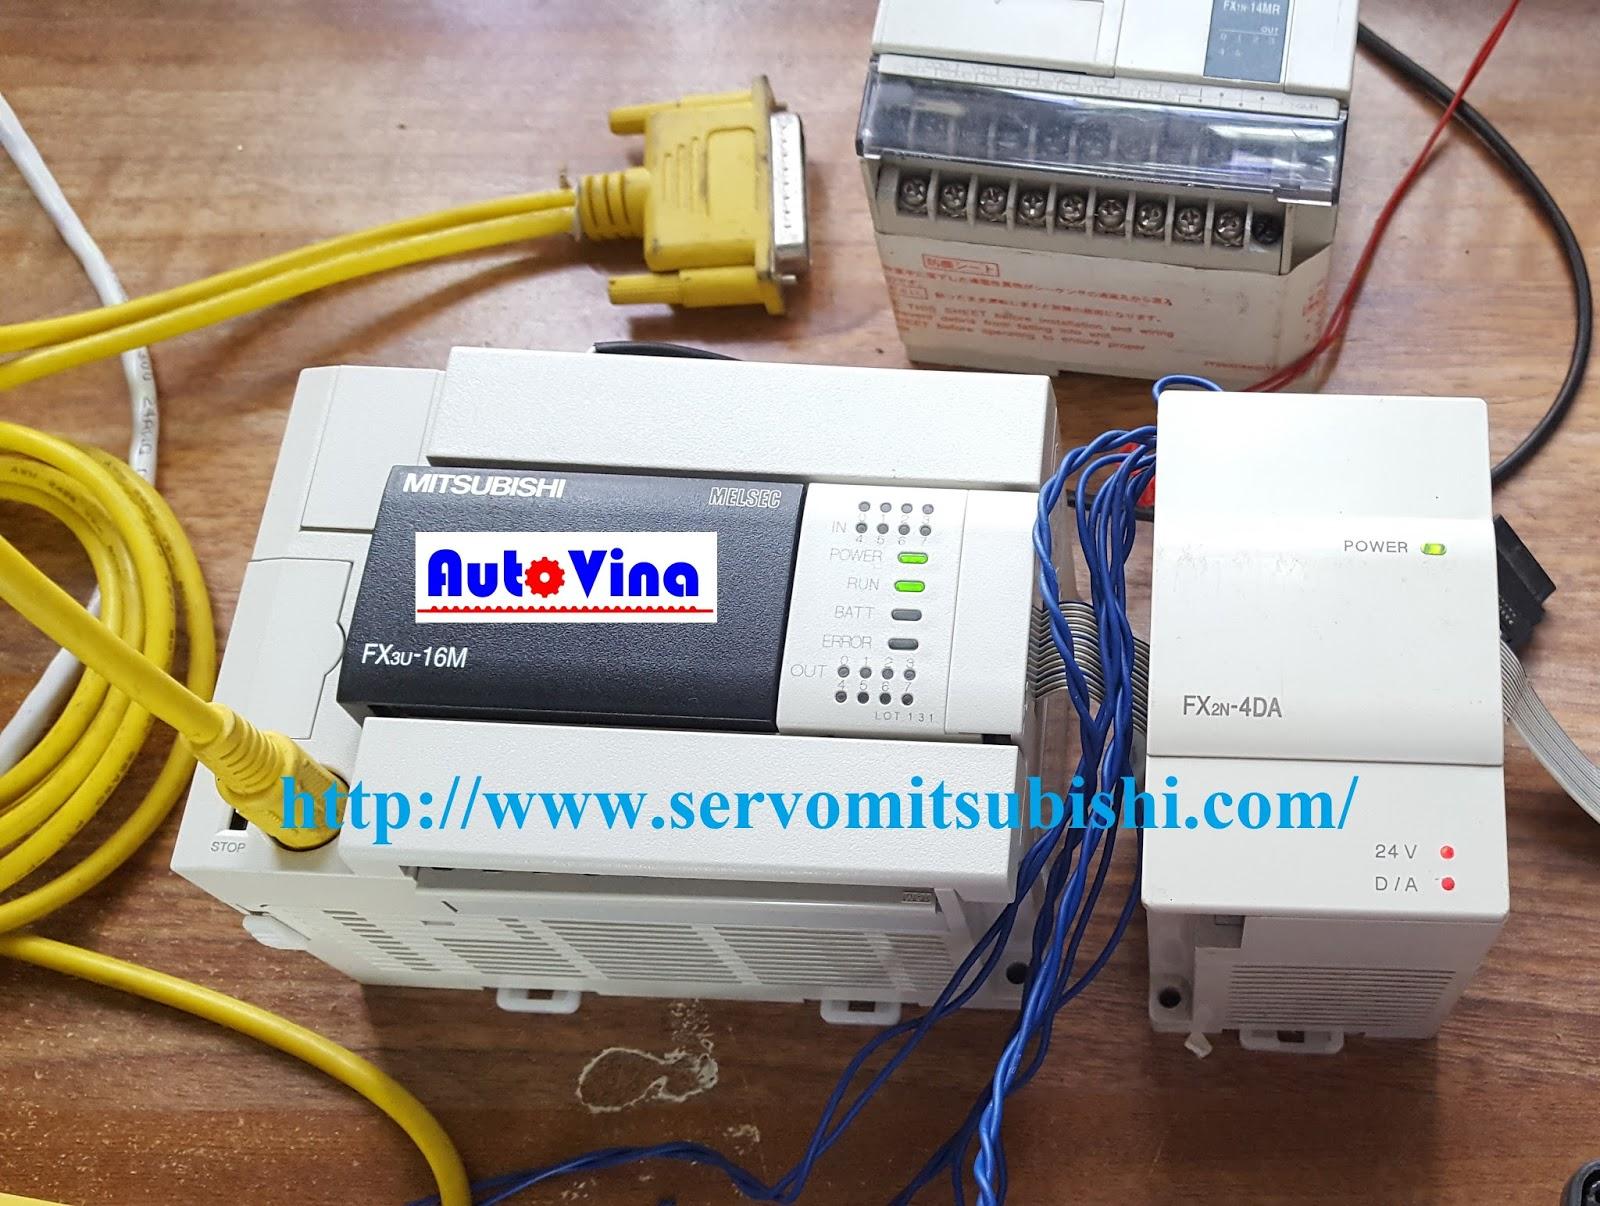 Module chuyển đối tín hiệu số ra analog FX2N-4DA dùng được cho PLC FX3U-16MT